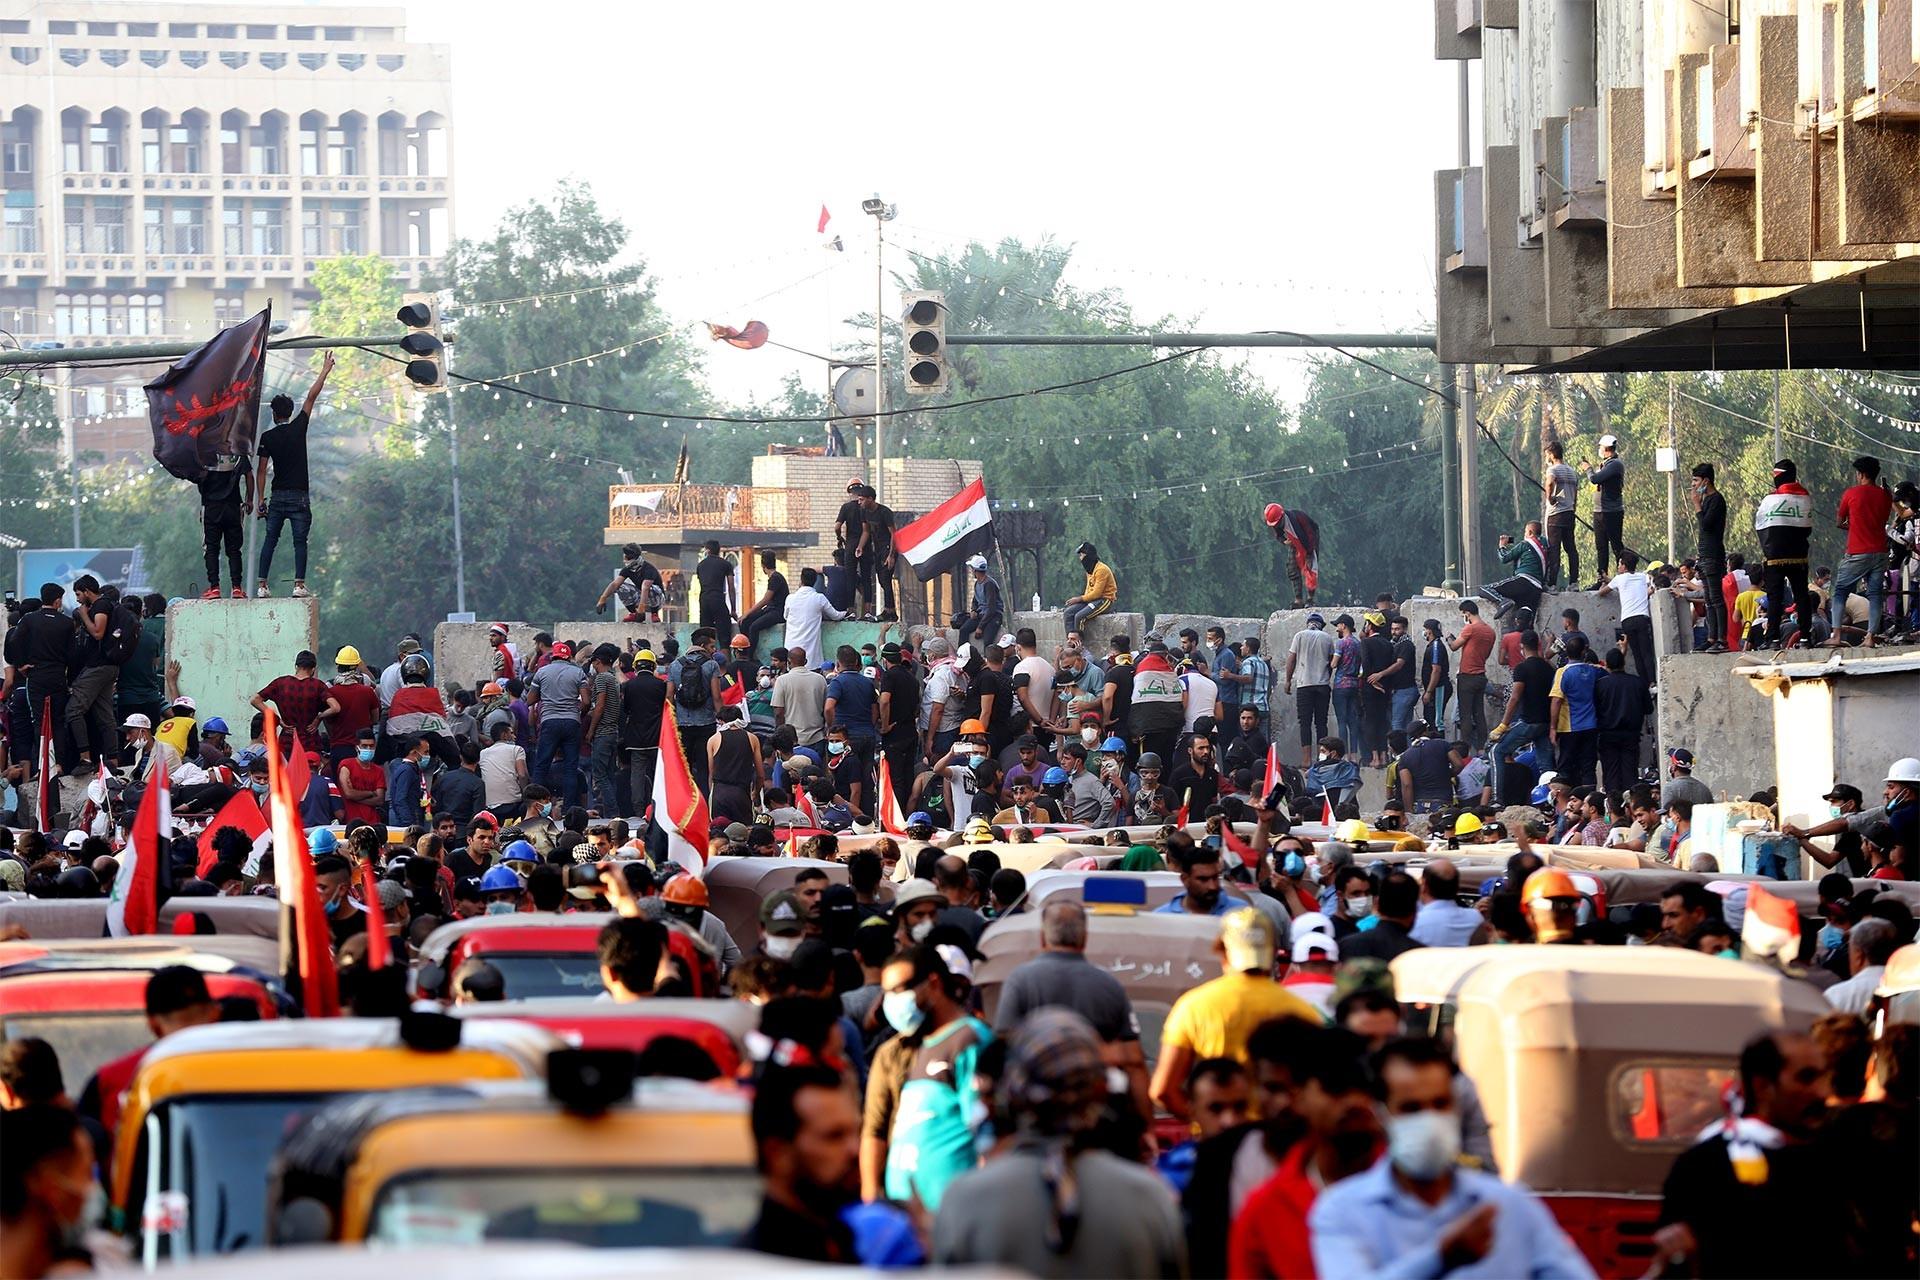 Bağdat'ta Yeşil Bölge girişine konulan beton bariyerler önünde hükümeti protesto eden Irak halkı